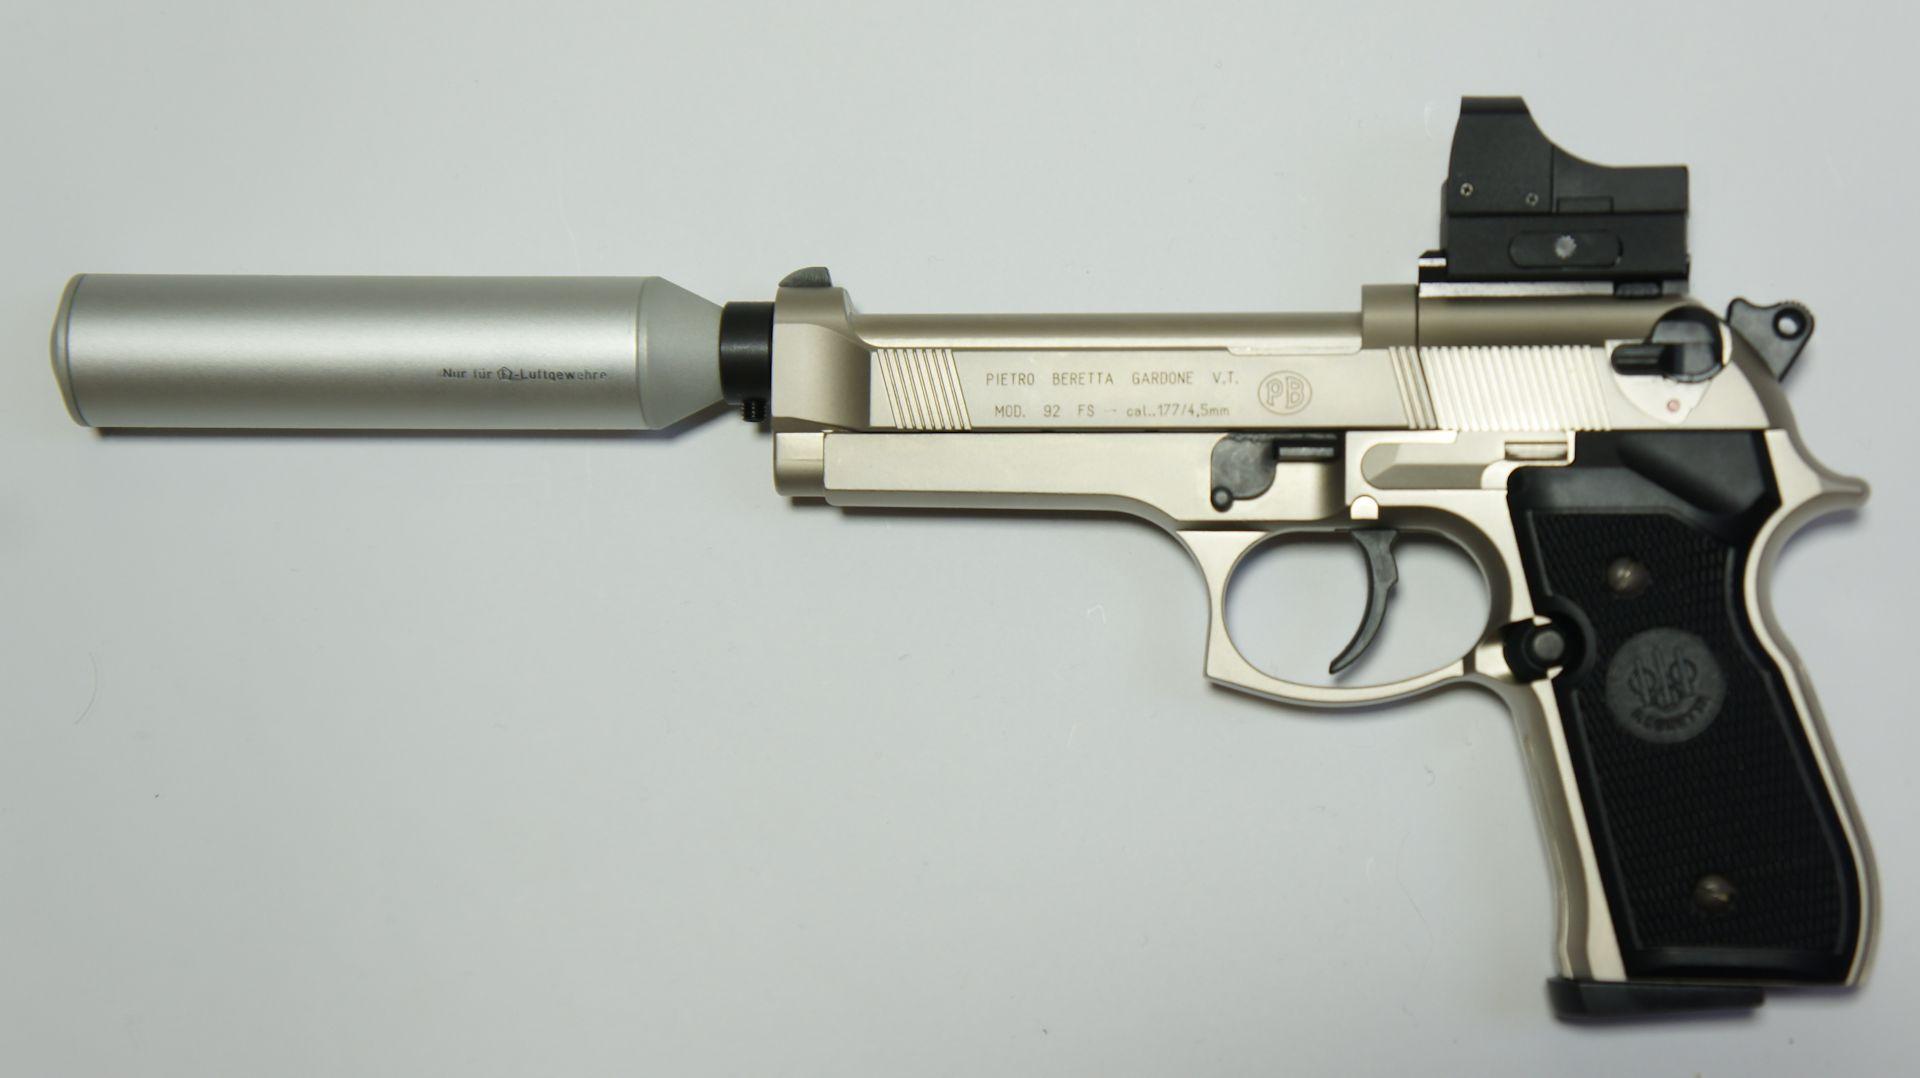 Montagebeispiel auf <a href=1050021.htm> CO2- Pistole Beretta</a>  mit <a href=1130222-21.htm> Reflexvisier 1x22 Sight III  </a> und einem Schalldämpfer